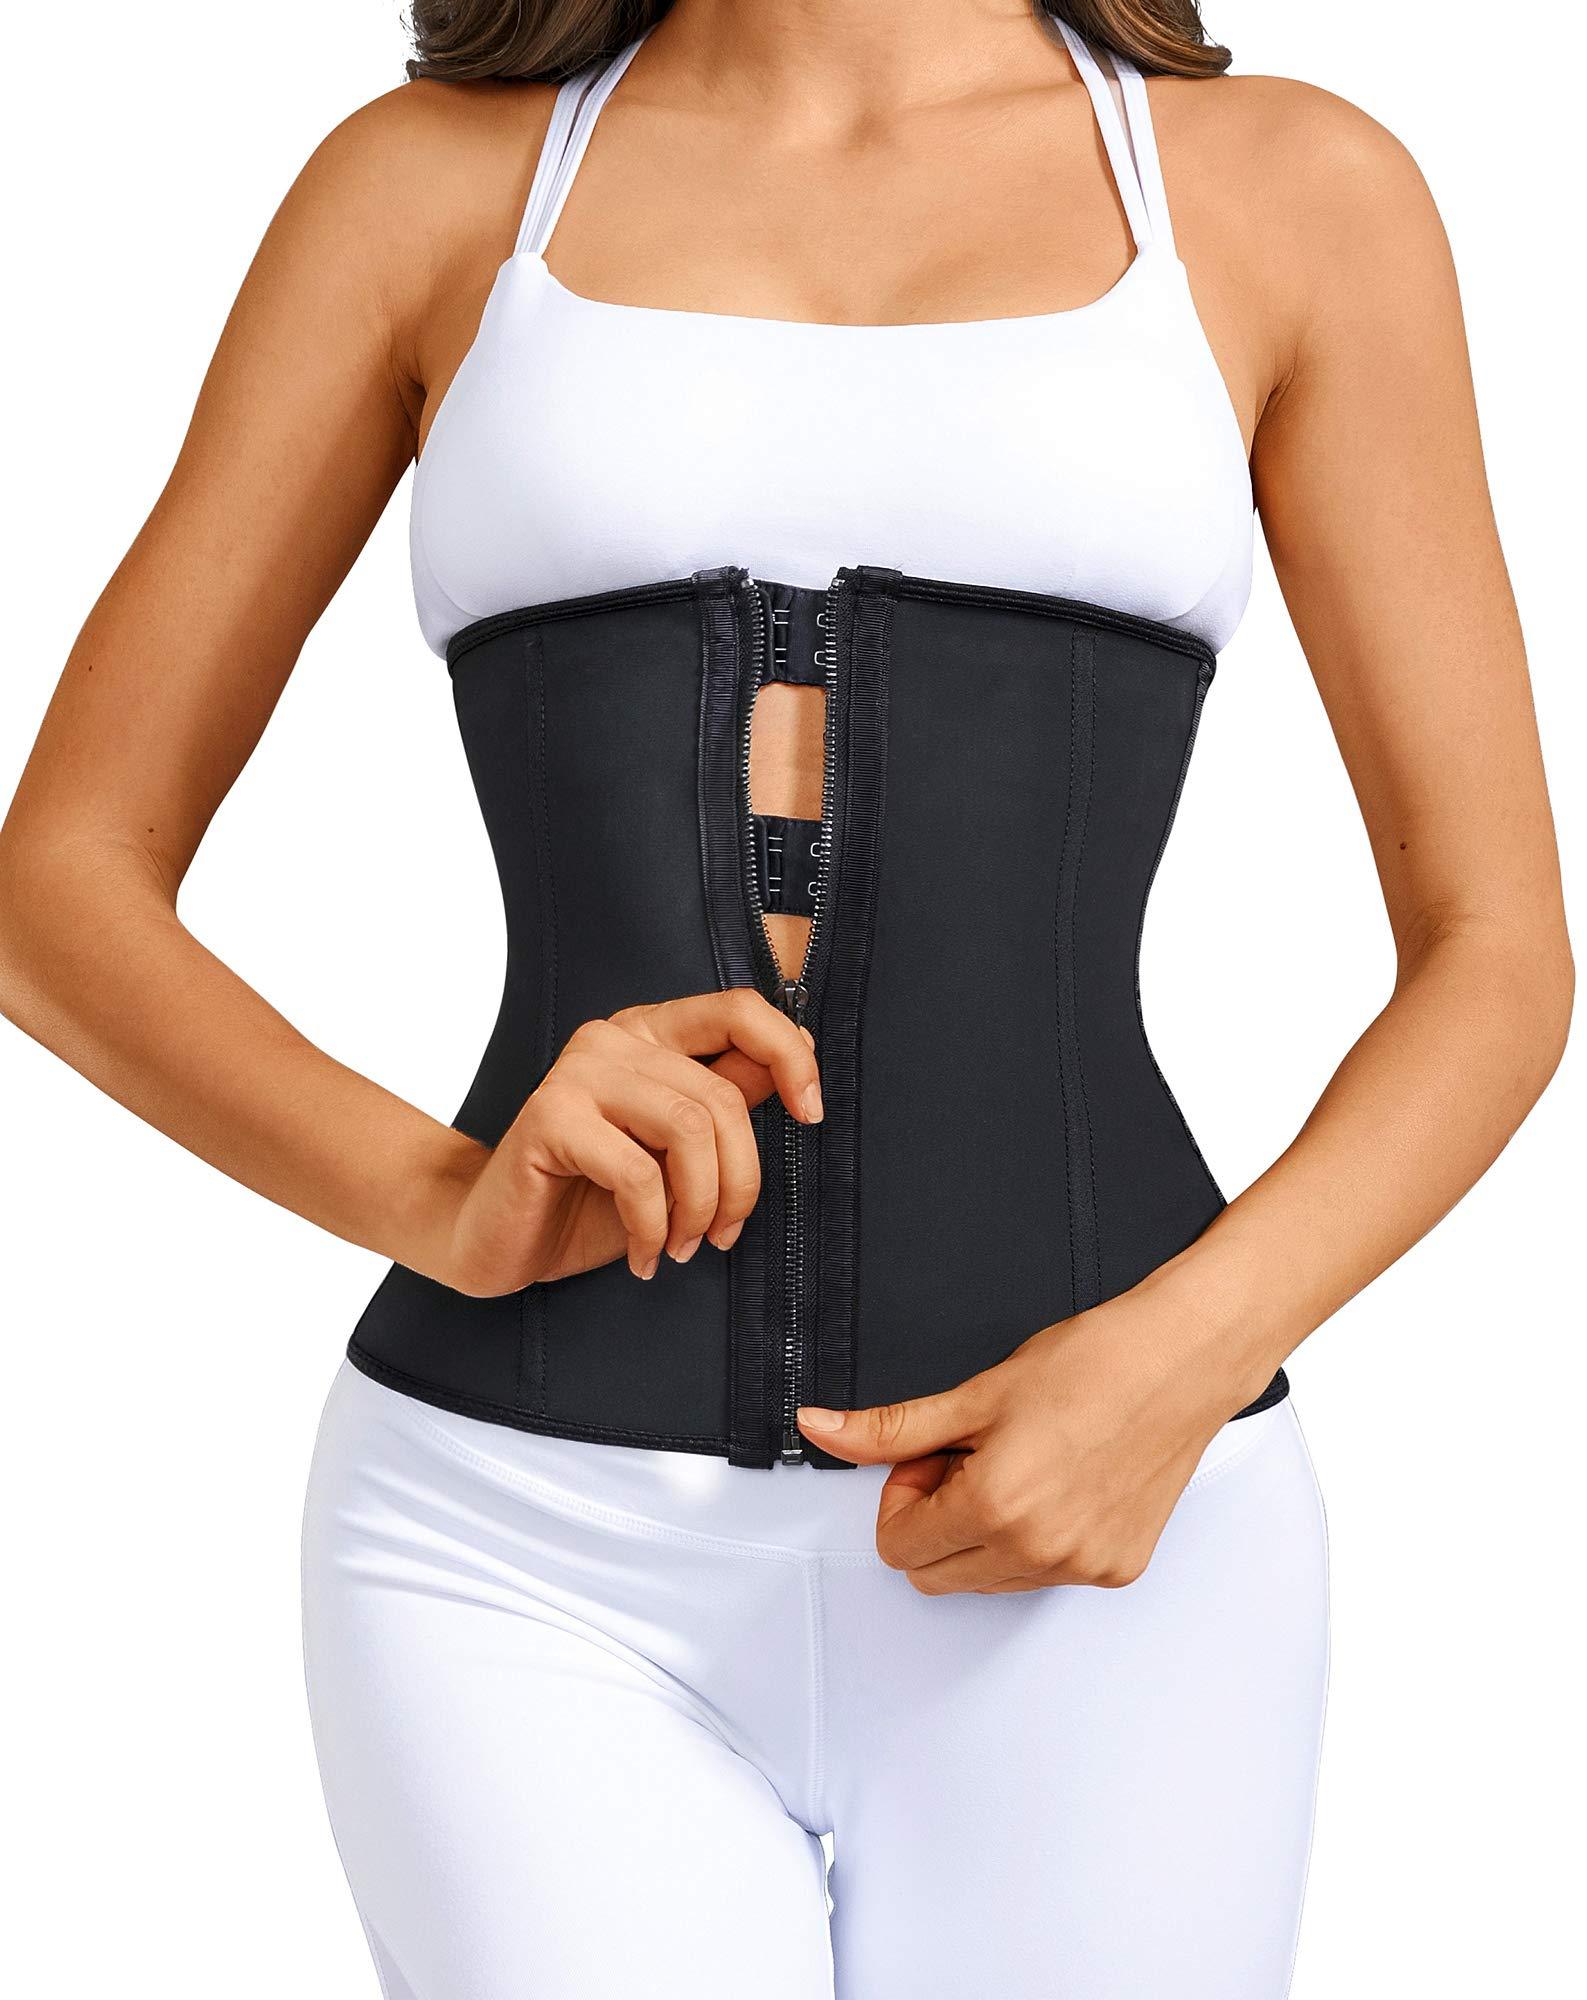 CINDYLOVER Women/'s Waist Trainer Corset Tummy Control Underbust Body Shaper